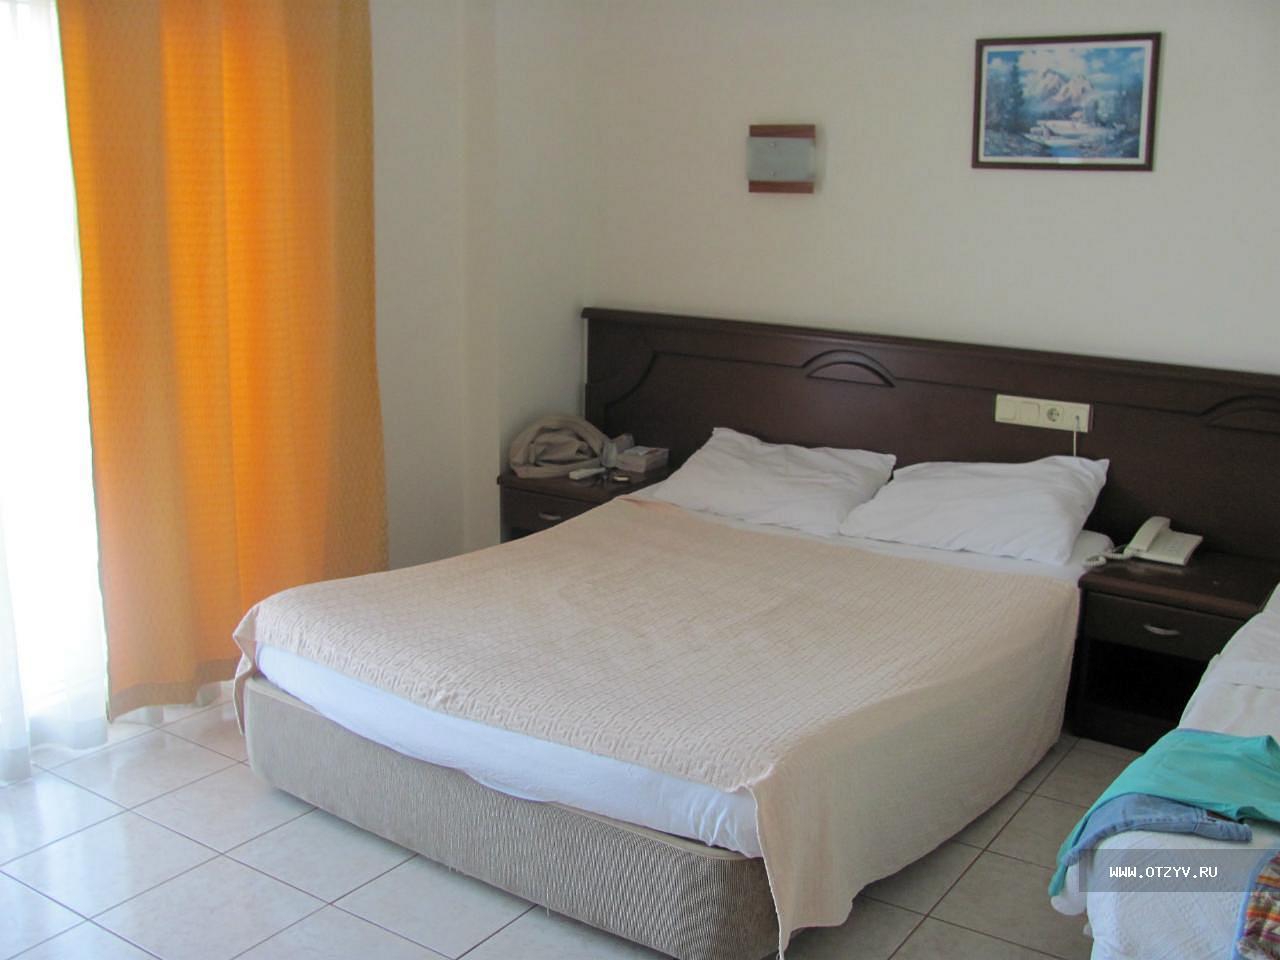 Проживали в отеле imeros 3* турция кемер бельдиби с дочкой с 29 июня по 5 июля года.